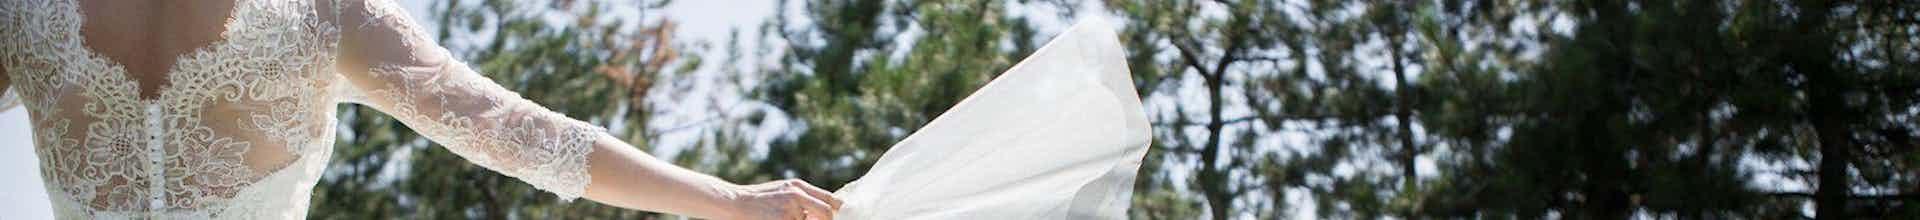 bruid-bruiloft-fotos